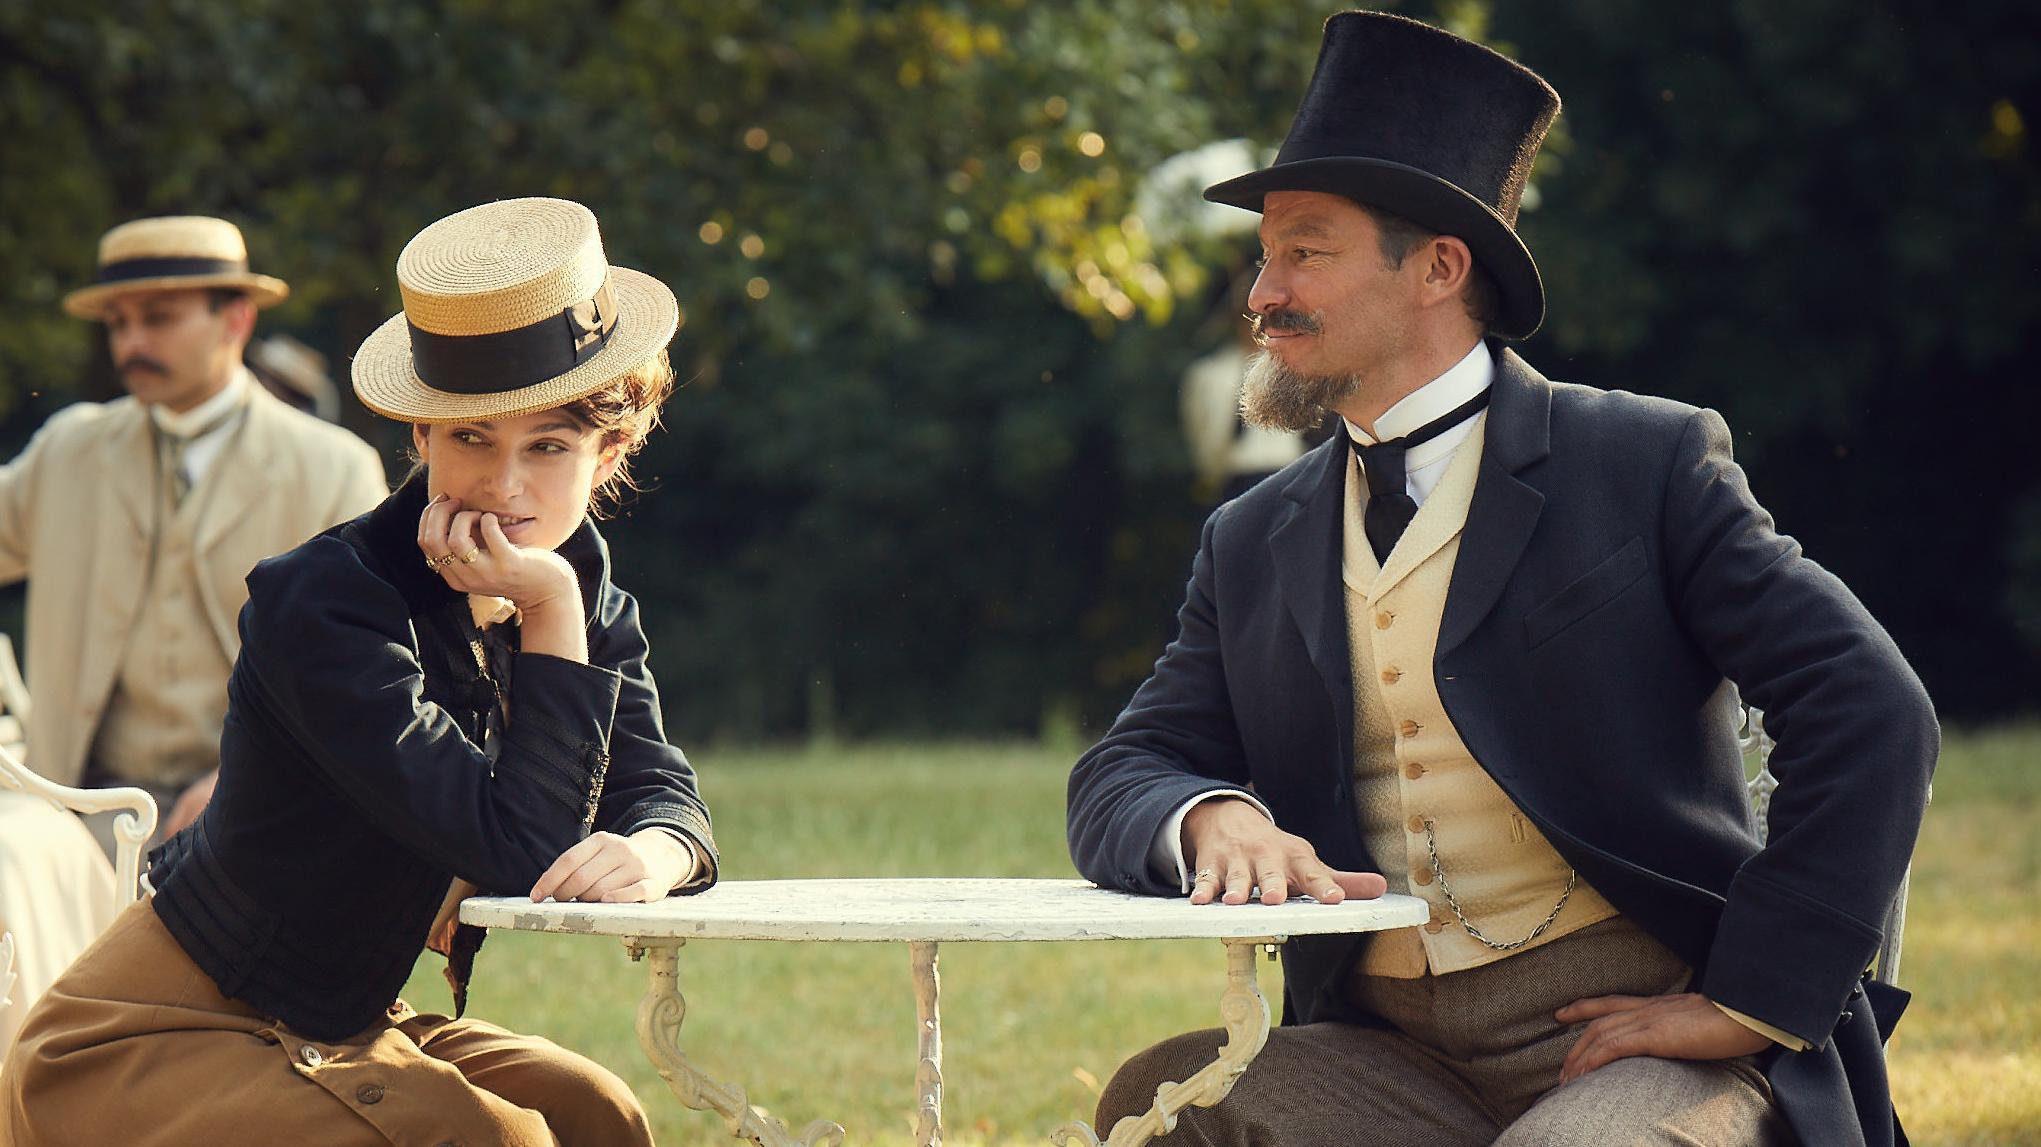 """Szene aus dem Film """"Colette"""": Colette sitzt draußen mit ihrem Mann an einem Tisch. Sie schaut aus dem Bild, er schaut sie an."""